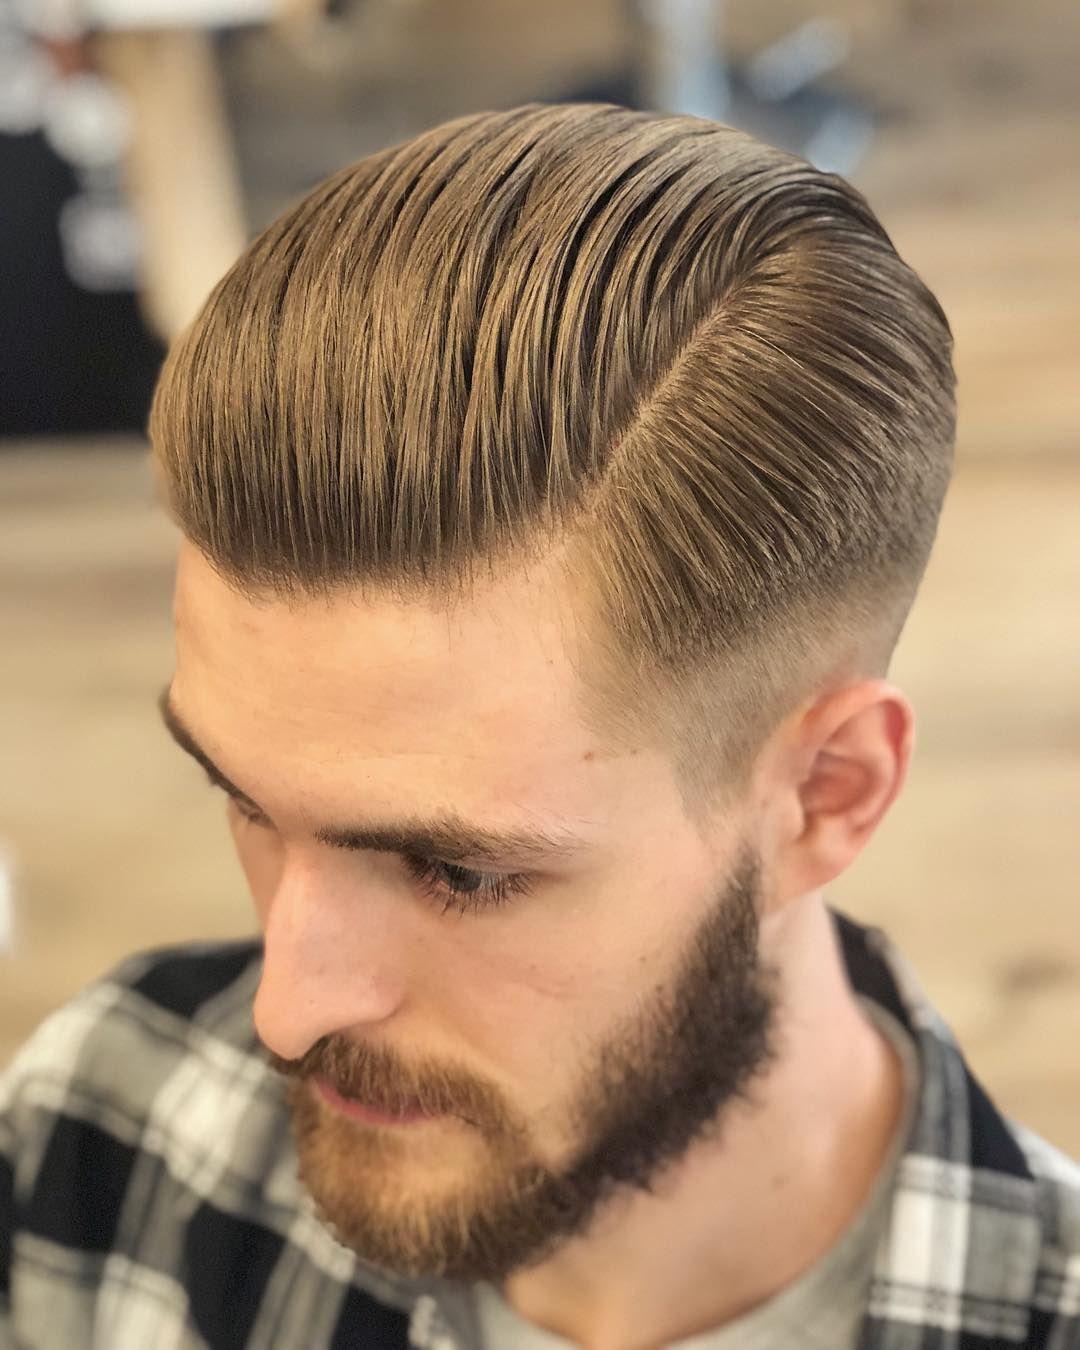 Executive Contour W Wykonaniu Jerzygrzyw Ktory Jest Taki Skromny Ze Nic Nie Wrzuca Na Insta Ferajna Slick Hairstyles Curly Hair Styles Mens Hairstyles